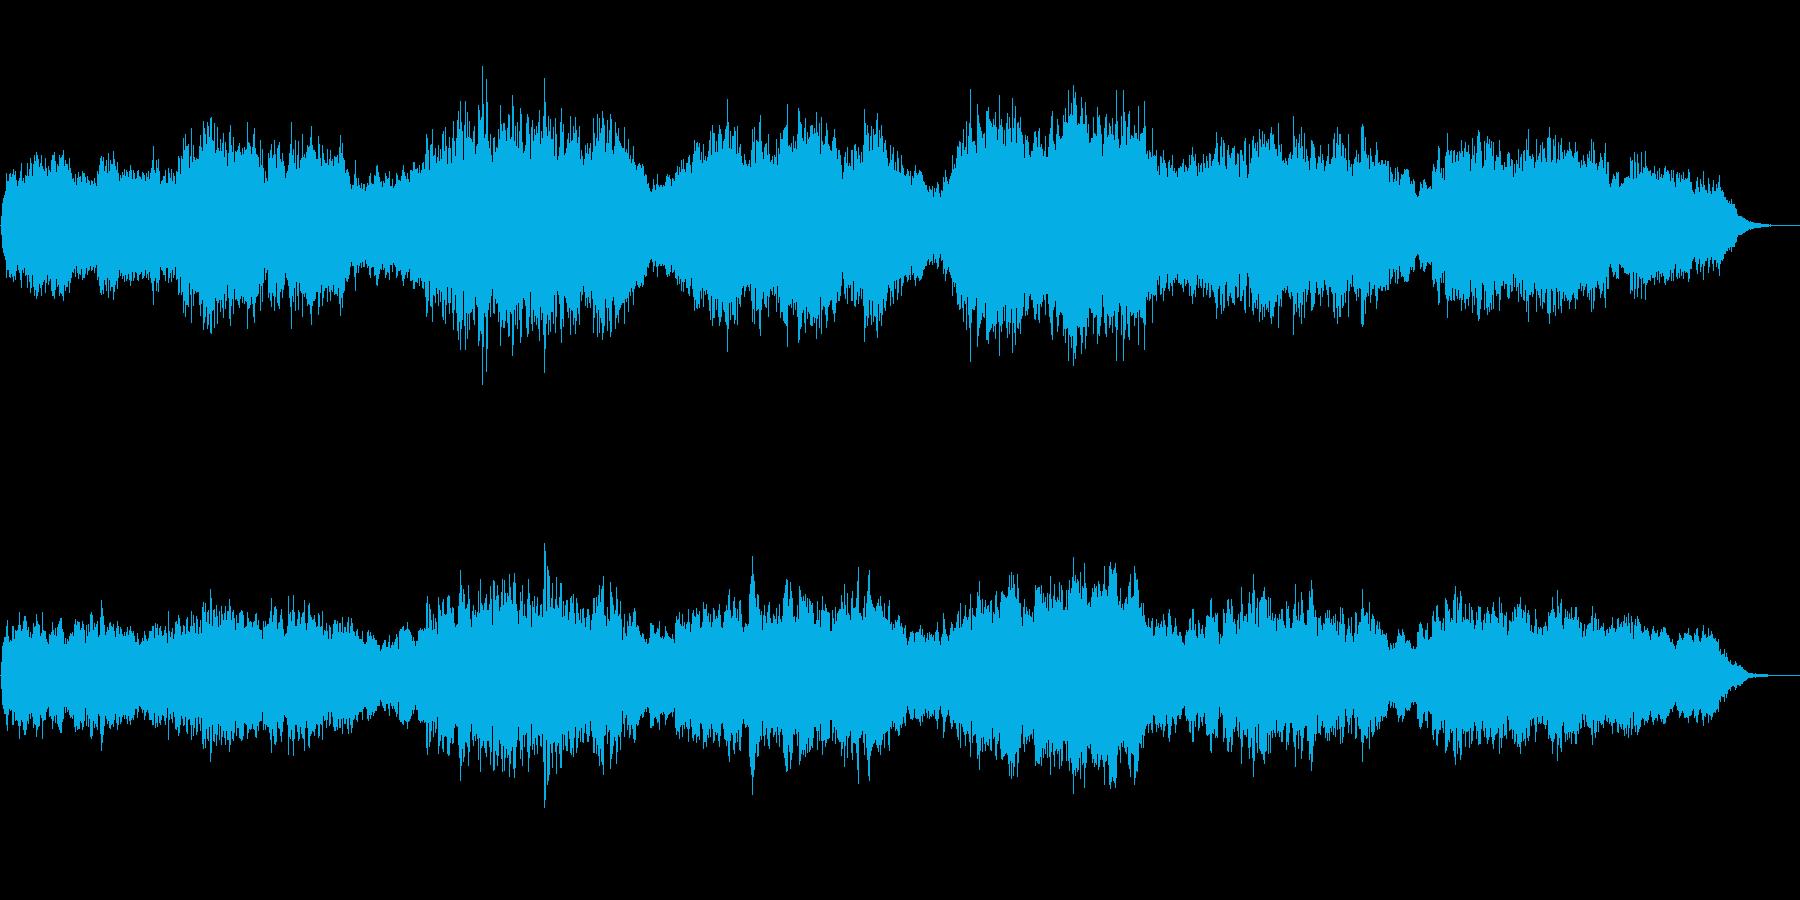 ホーミーを主題としたアンビエントな音風景の再生済みの波形